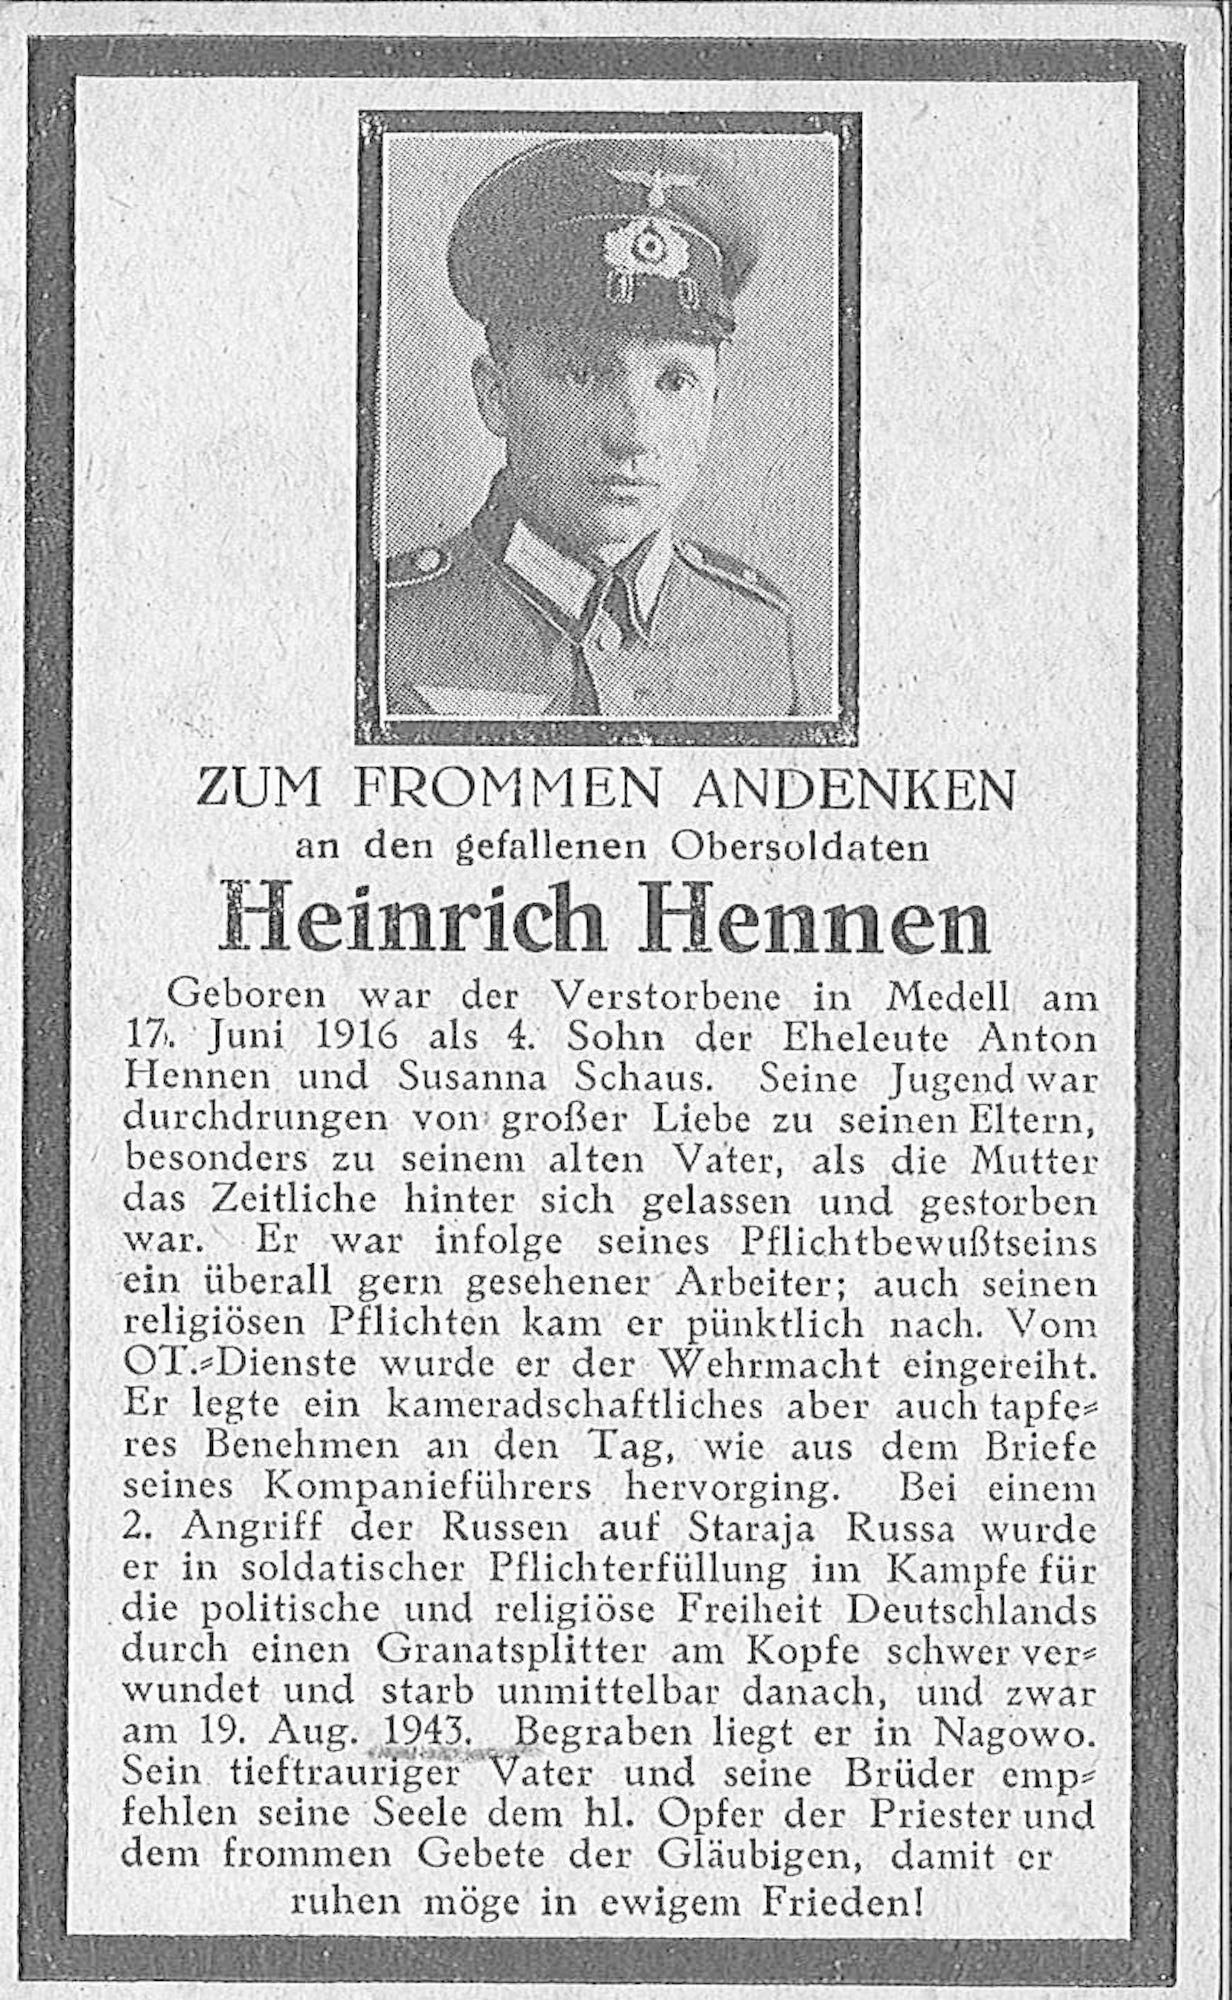 Heinrich Hennen